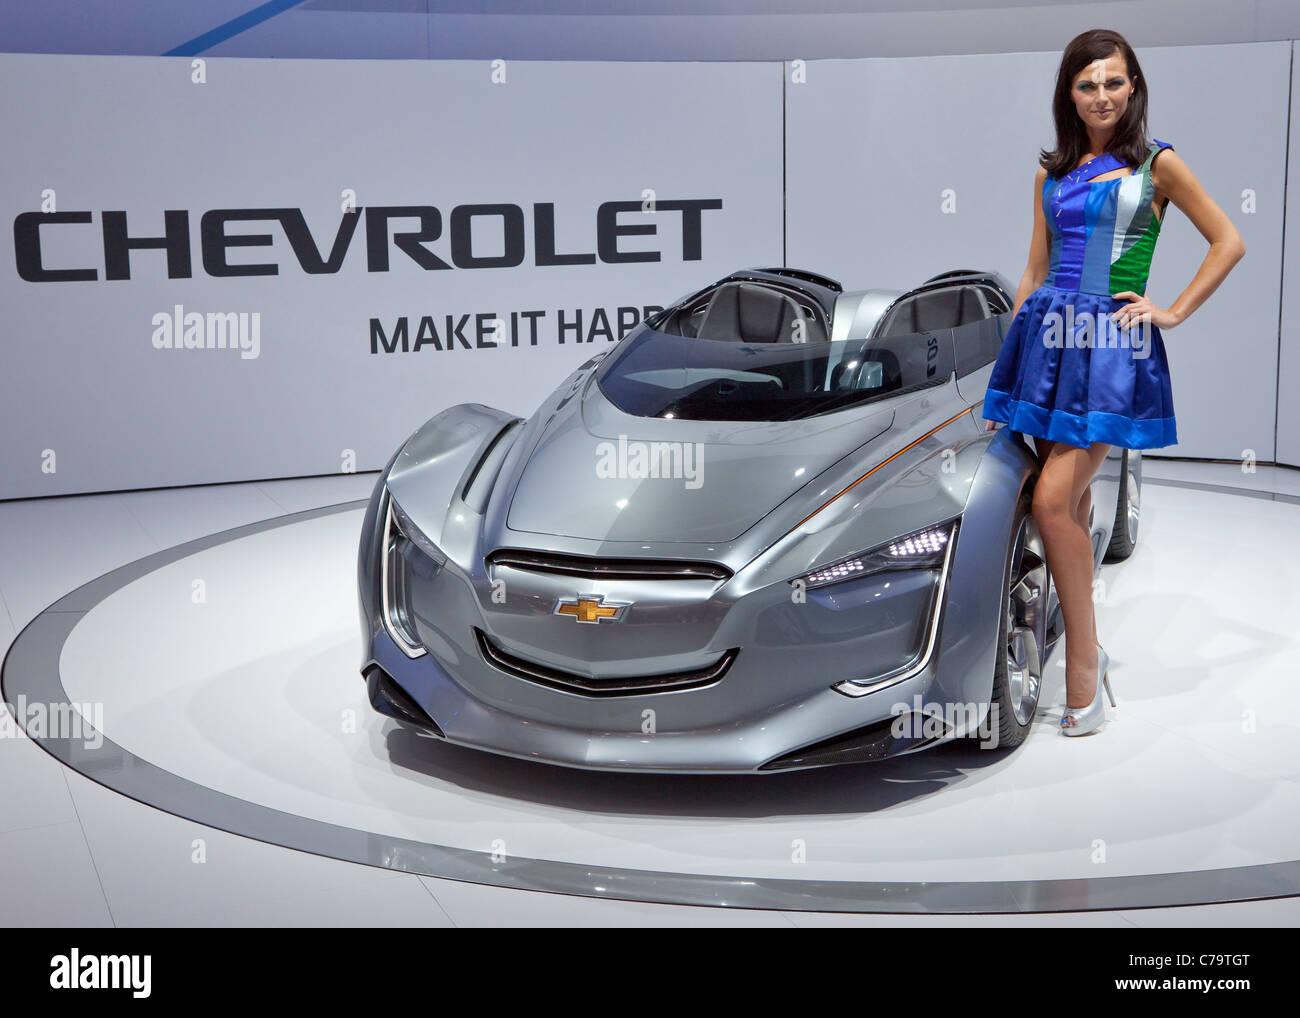 Nuova Chevrolet Miray auto elettrica sulla IAA 2011 International Motor Show di Francoforte am Main, Germania Immagini Stock